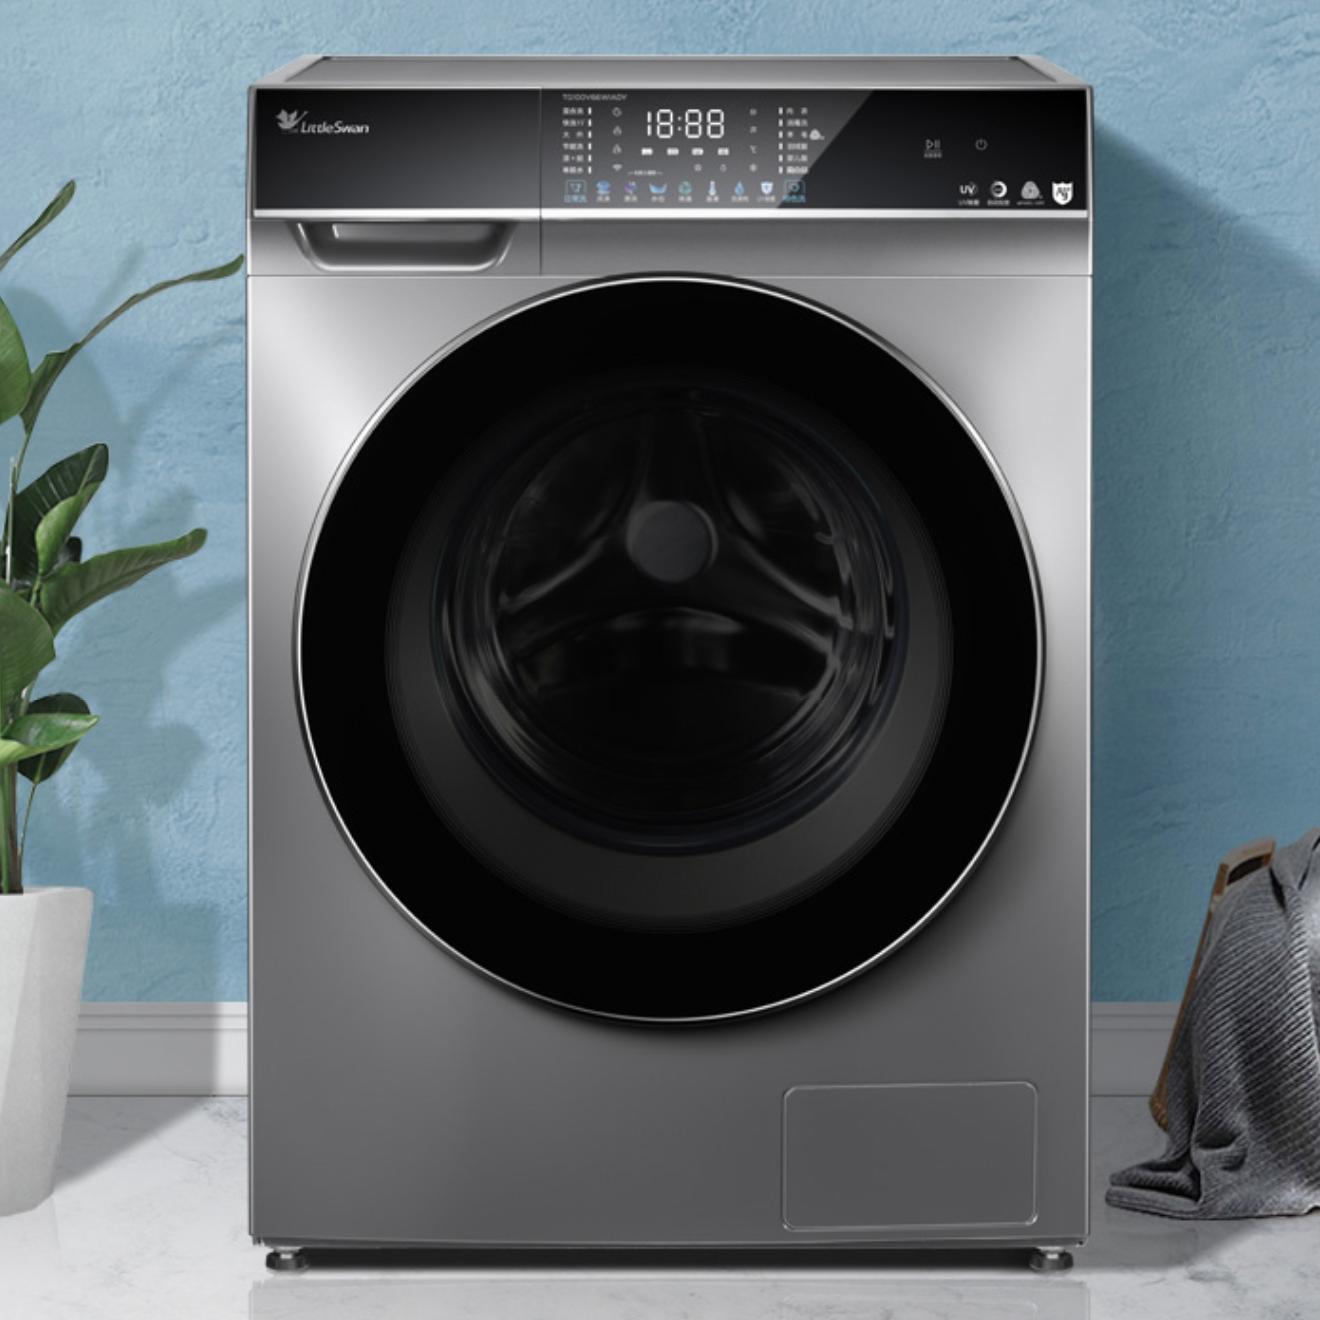 15日0点、新品首发 : LittleSwan 小天鹅 TG100V66WIADY 滚筒洗衣机 10KG( 巡航除菌克拉彩屏)